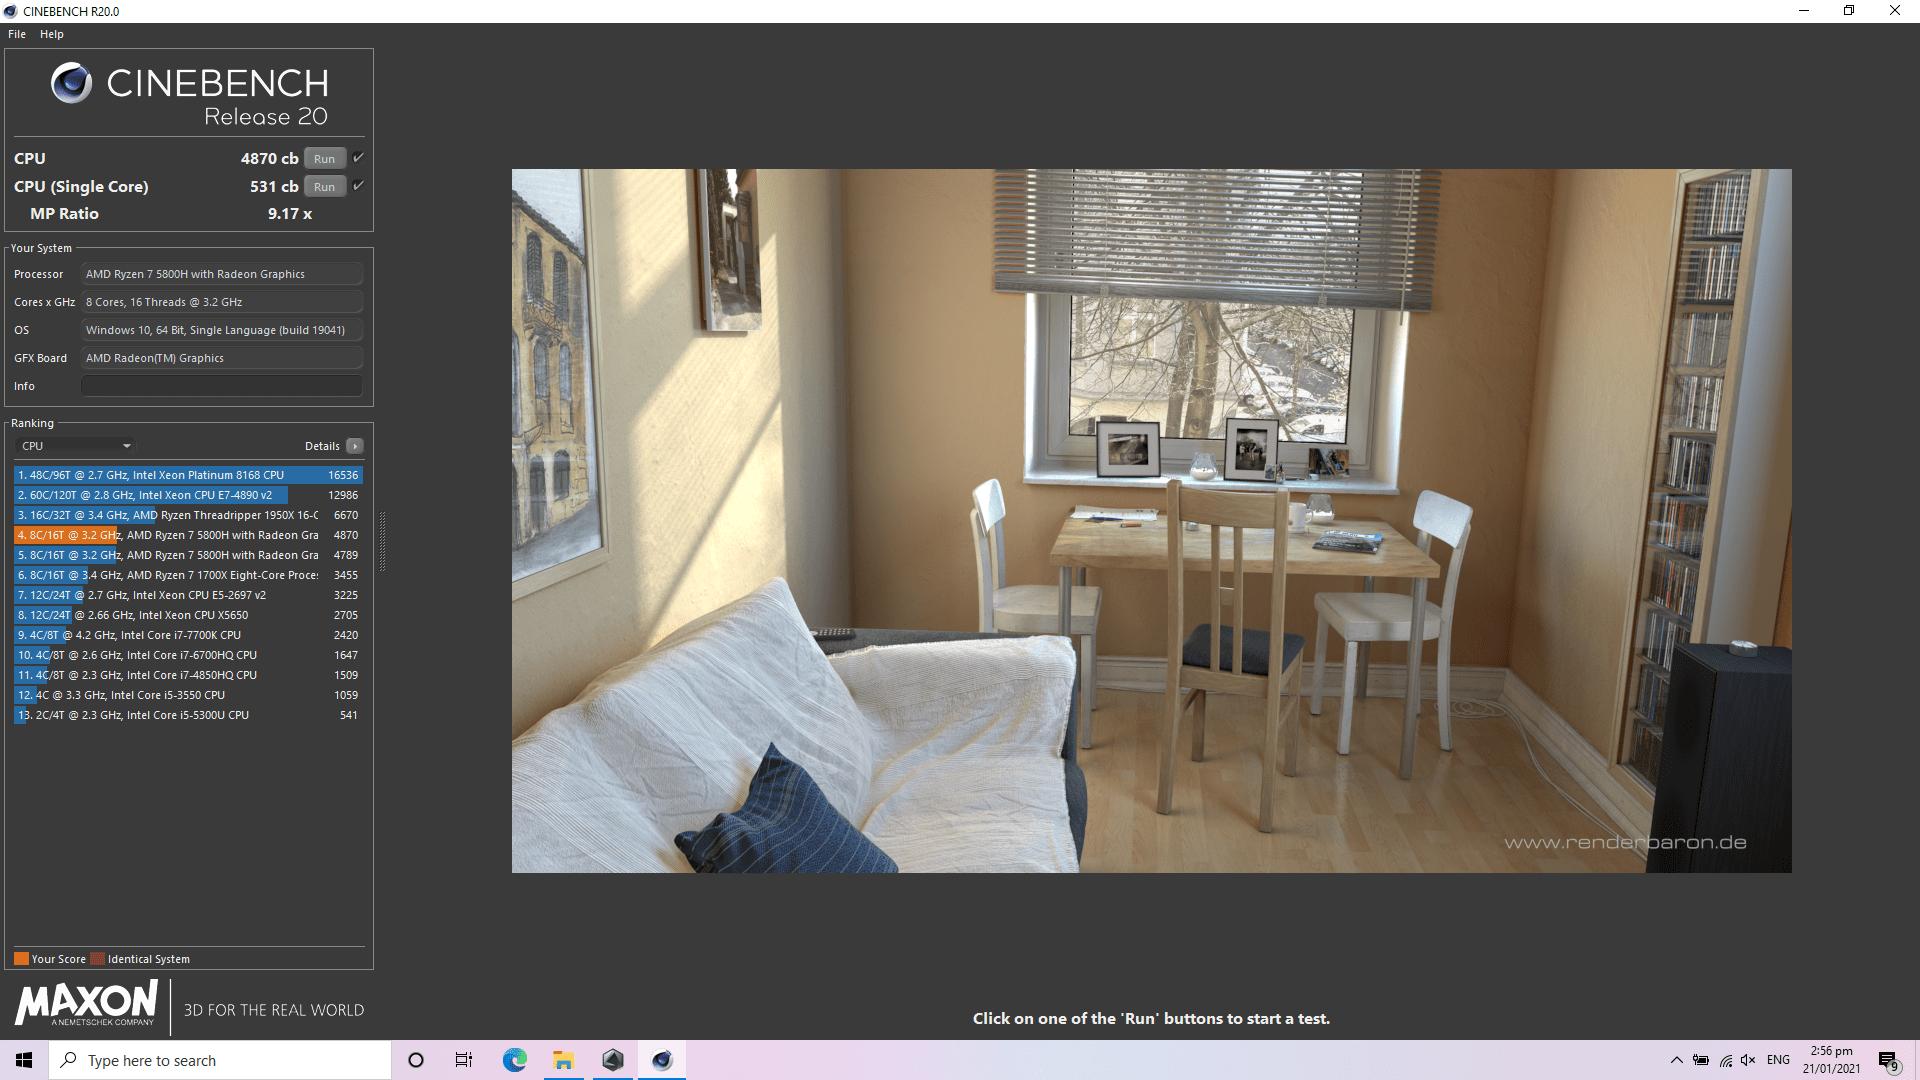 screenshot-23-min-png.12700